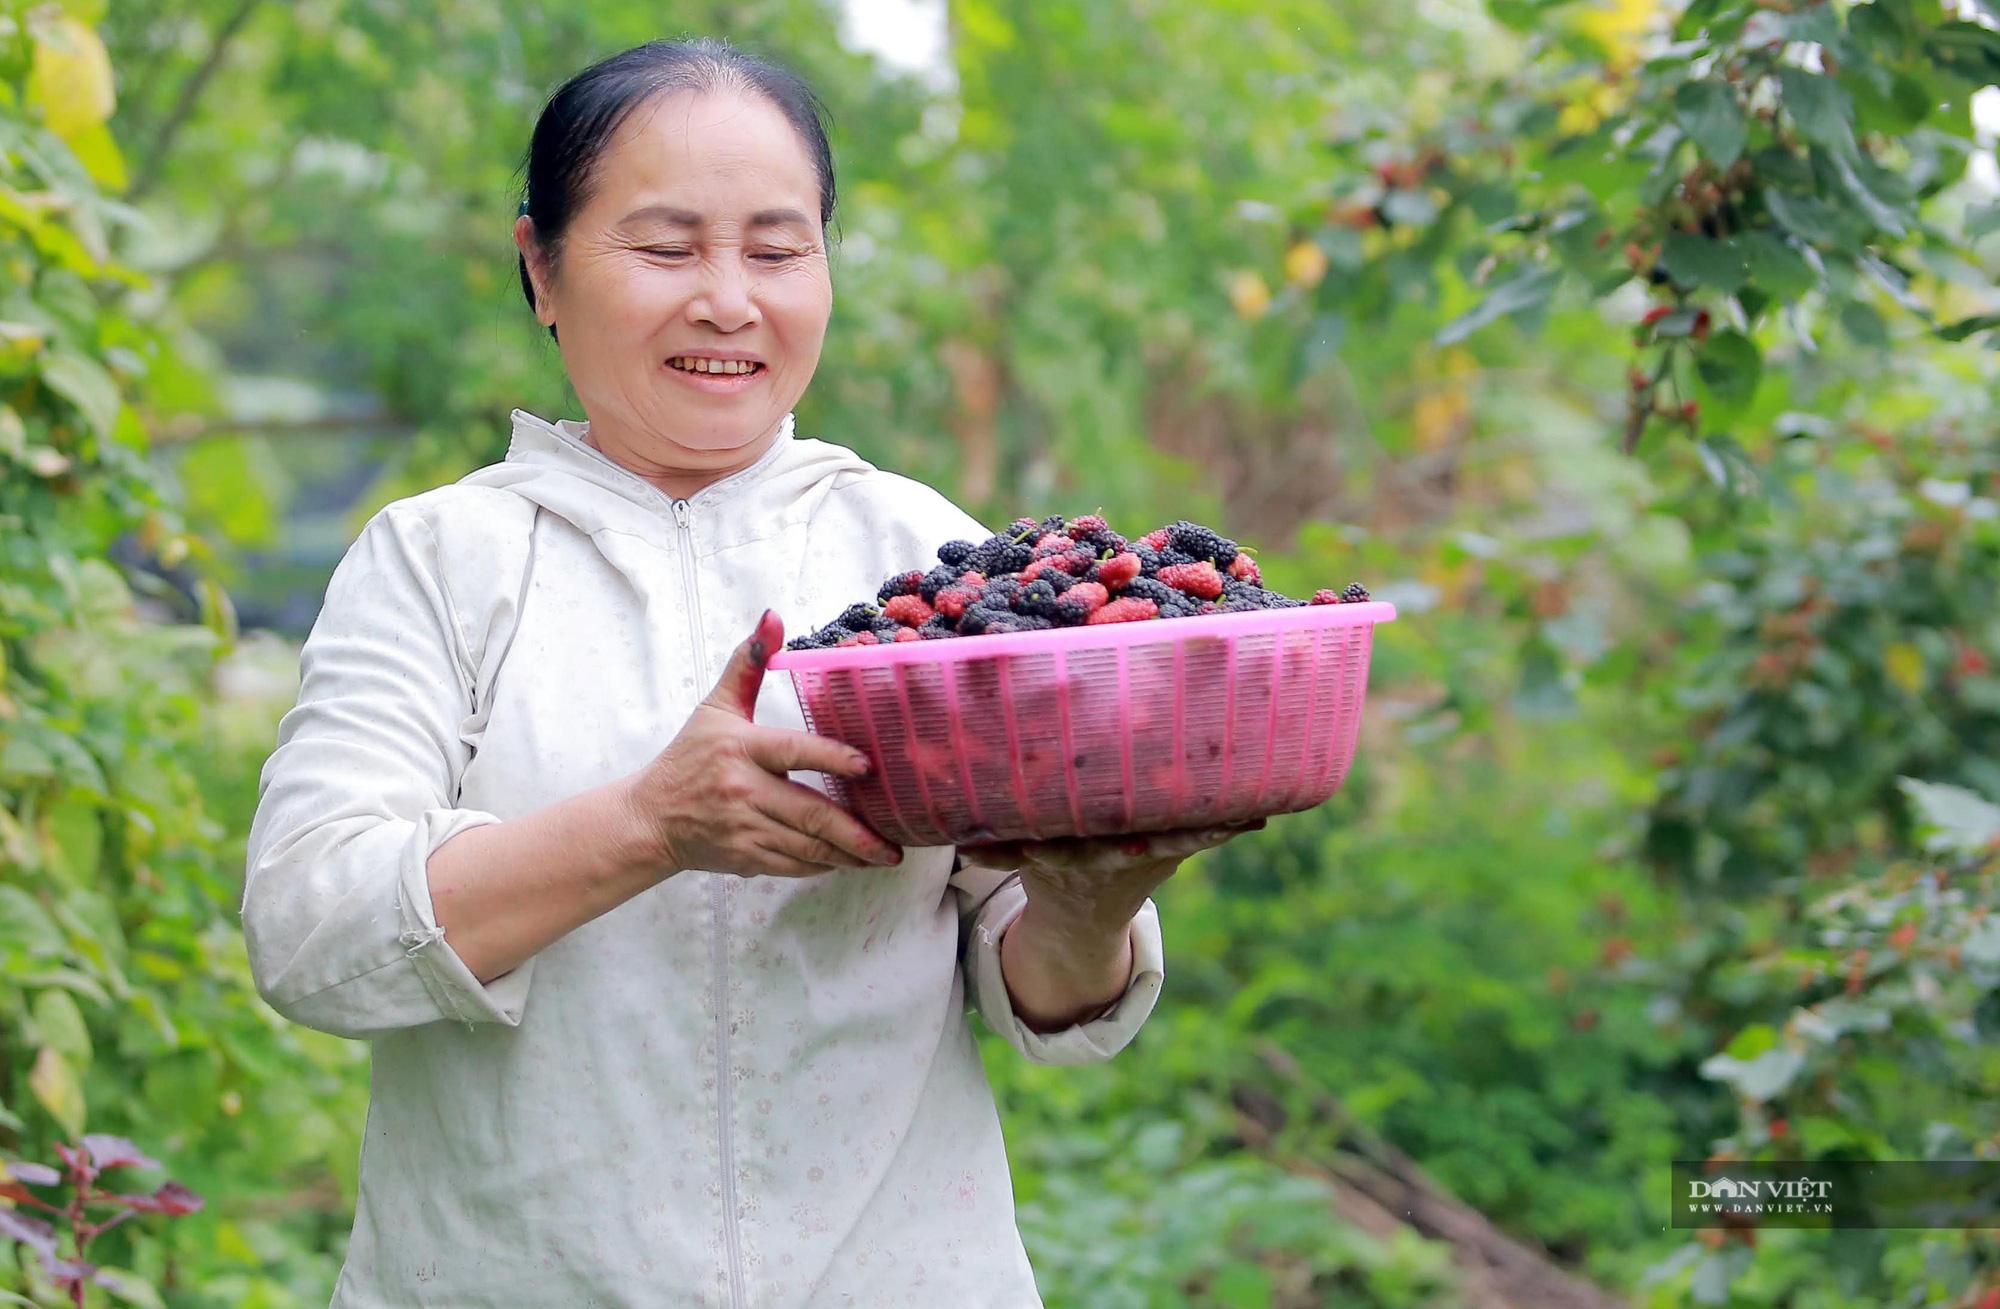 Nhộn nhịp mùa thu hoạch loại quả dùng để ngâm đường, lá cho tằm ăn ở Hà Nội - Ảnh 6.